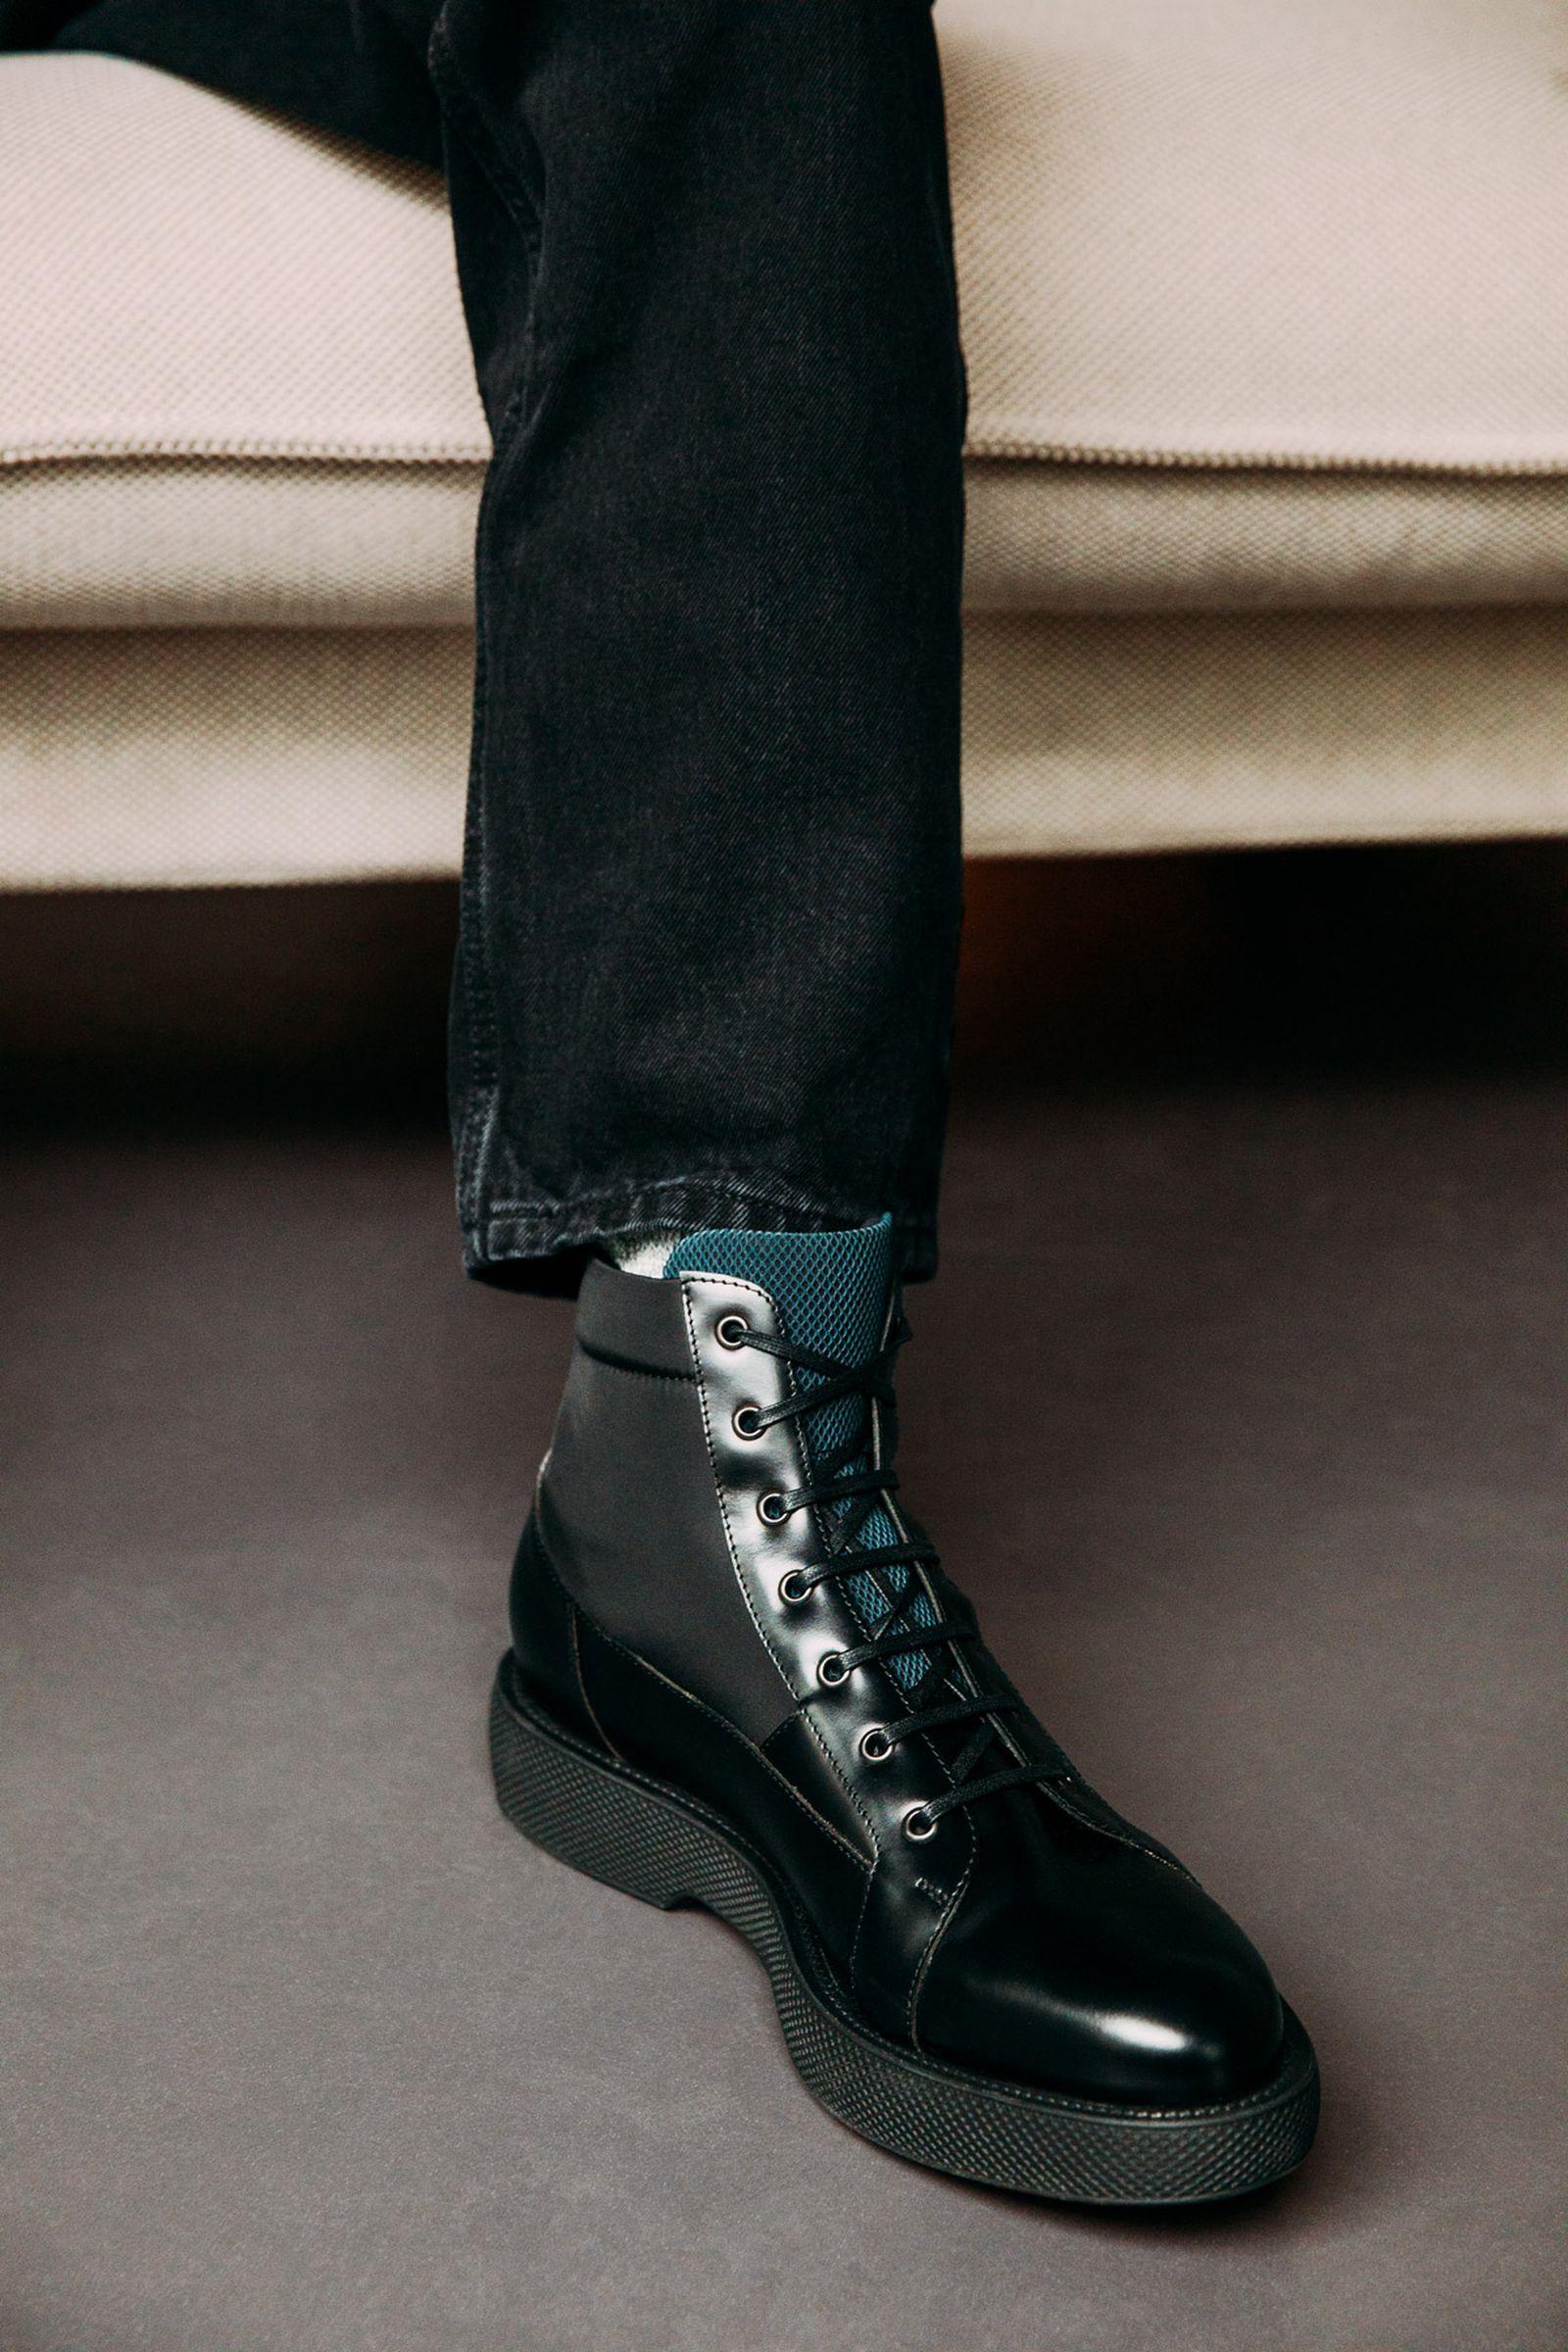 ferragamo-footwear-style-guide-11